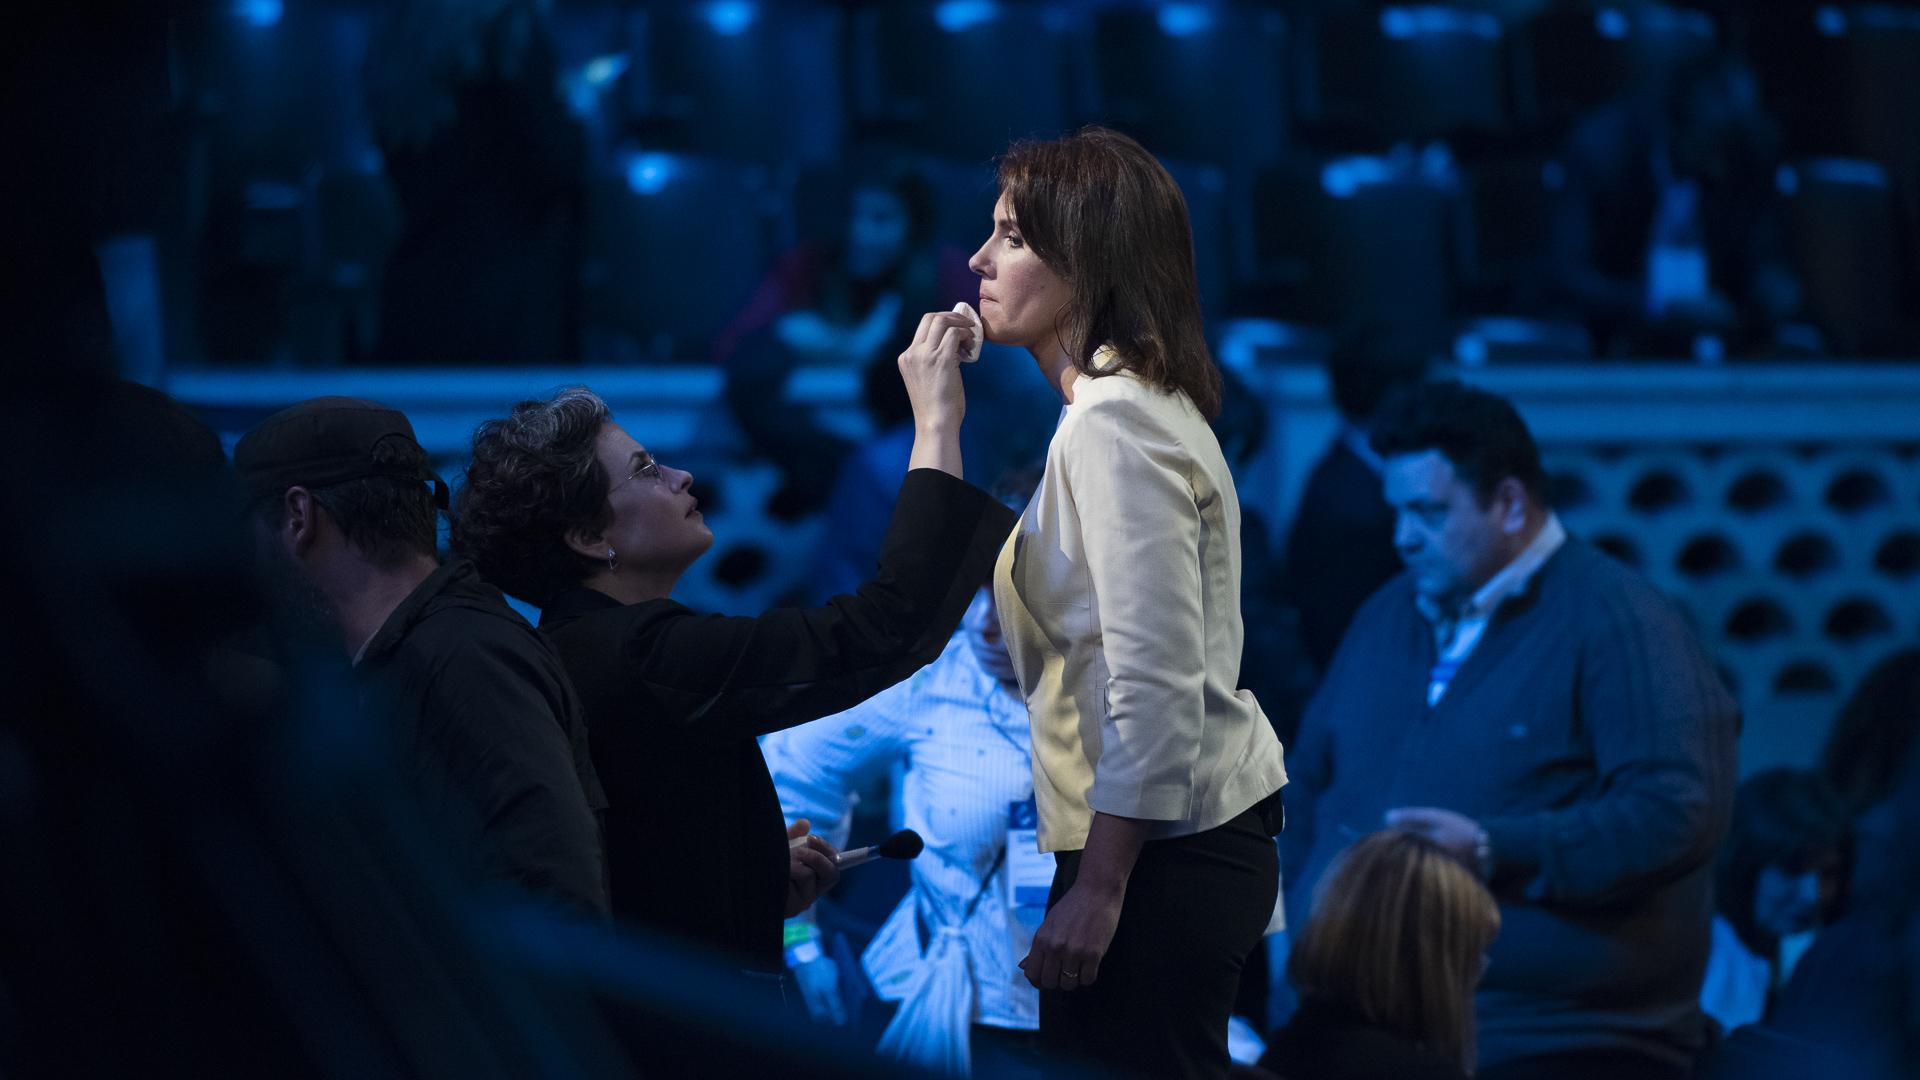 La periodista santafecina Gisela Vallone, una de las encargadas de moderar el debate